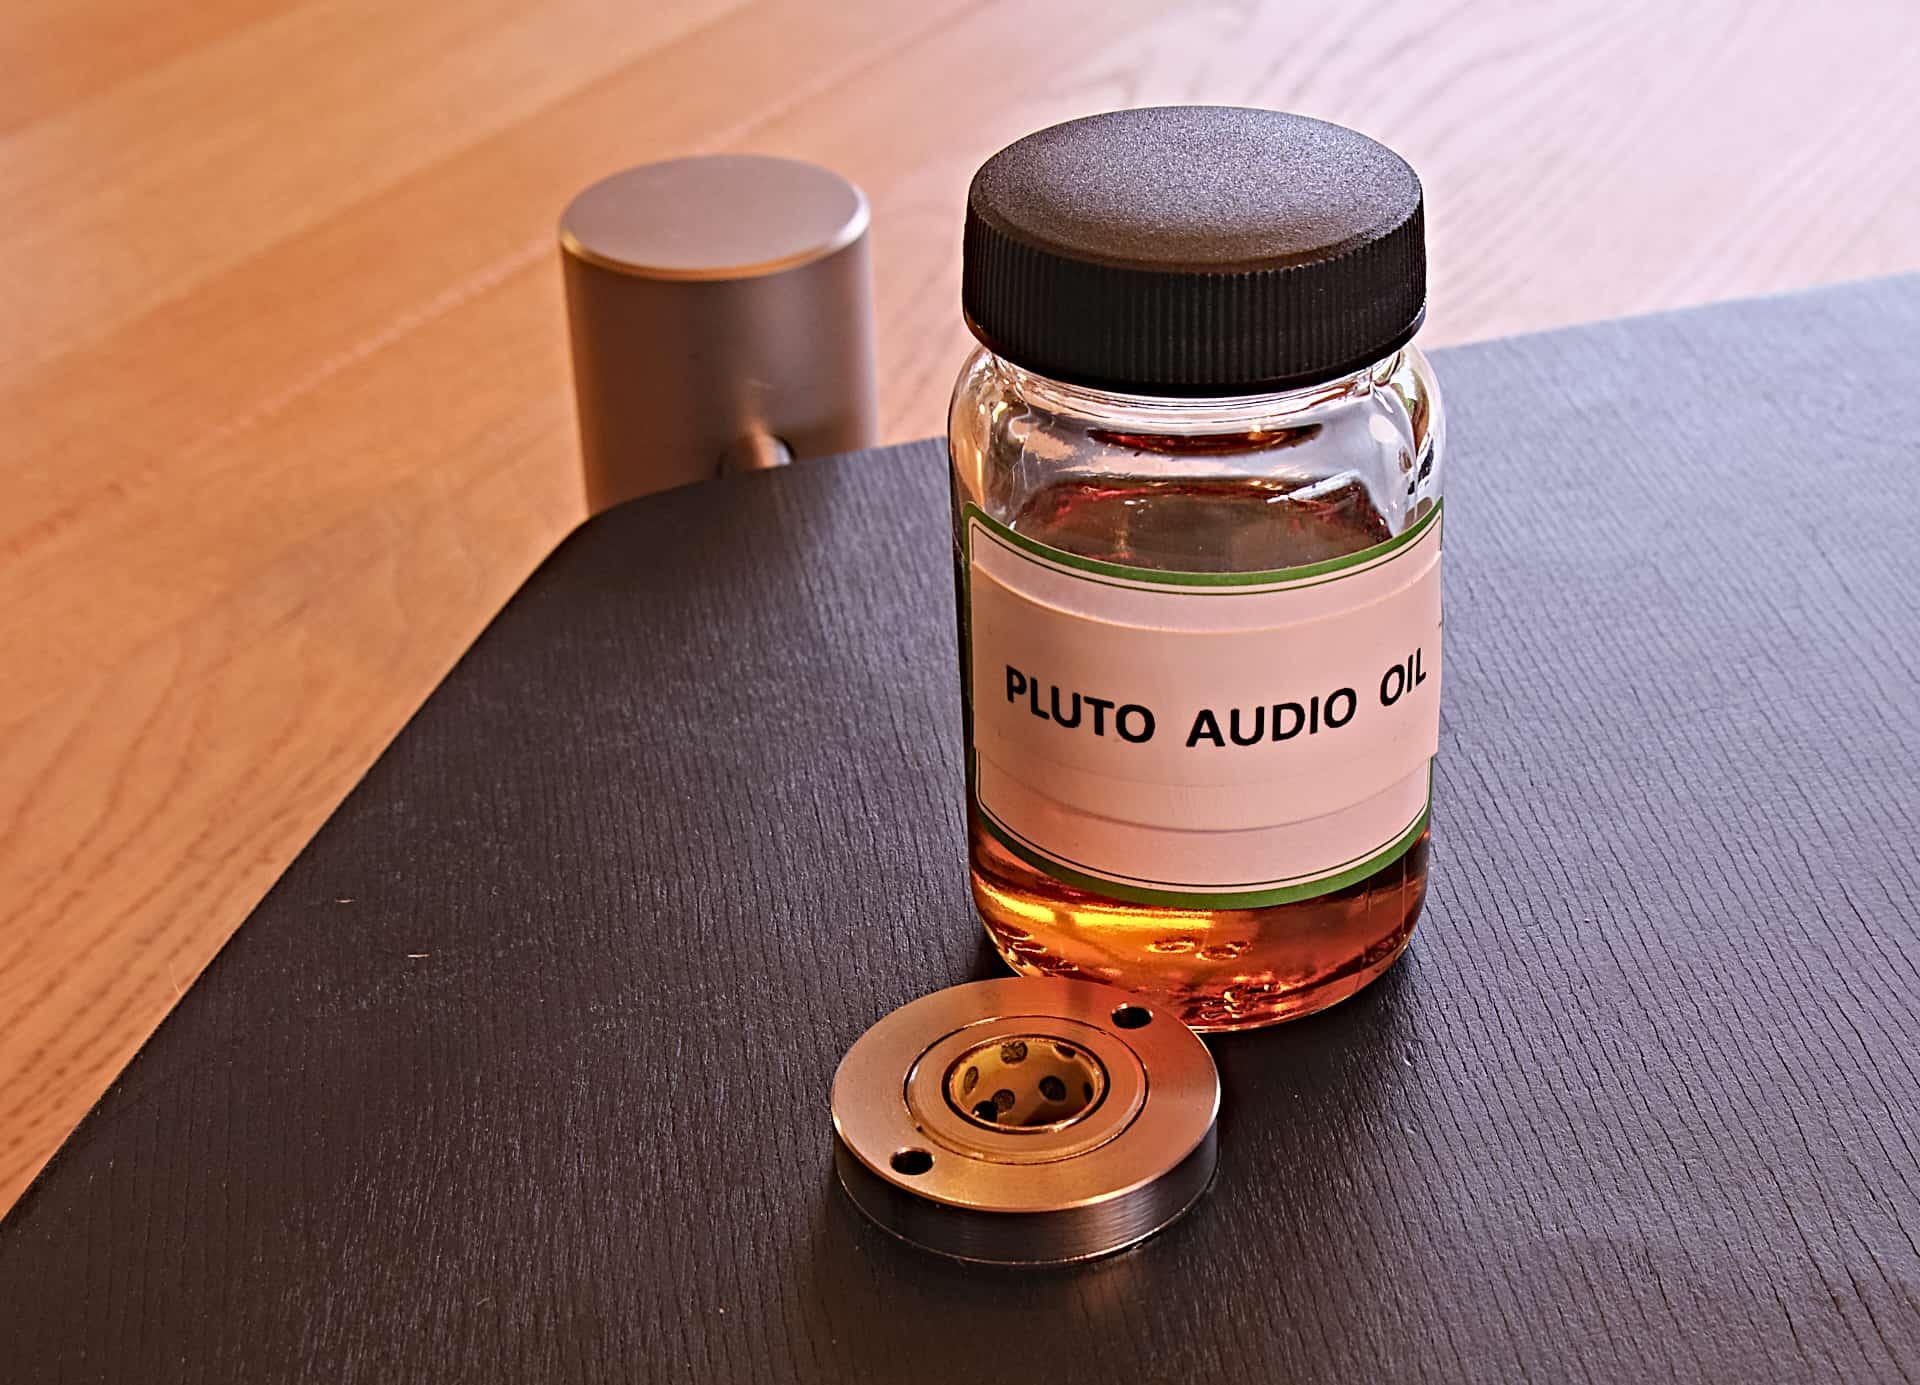 Pluto Audio Lageröl